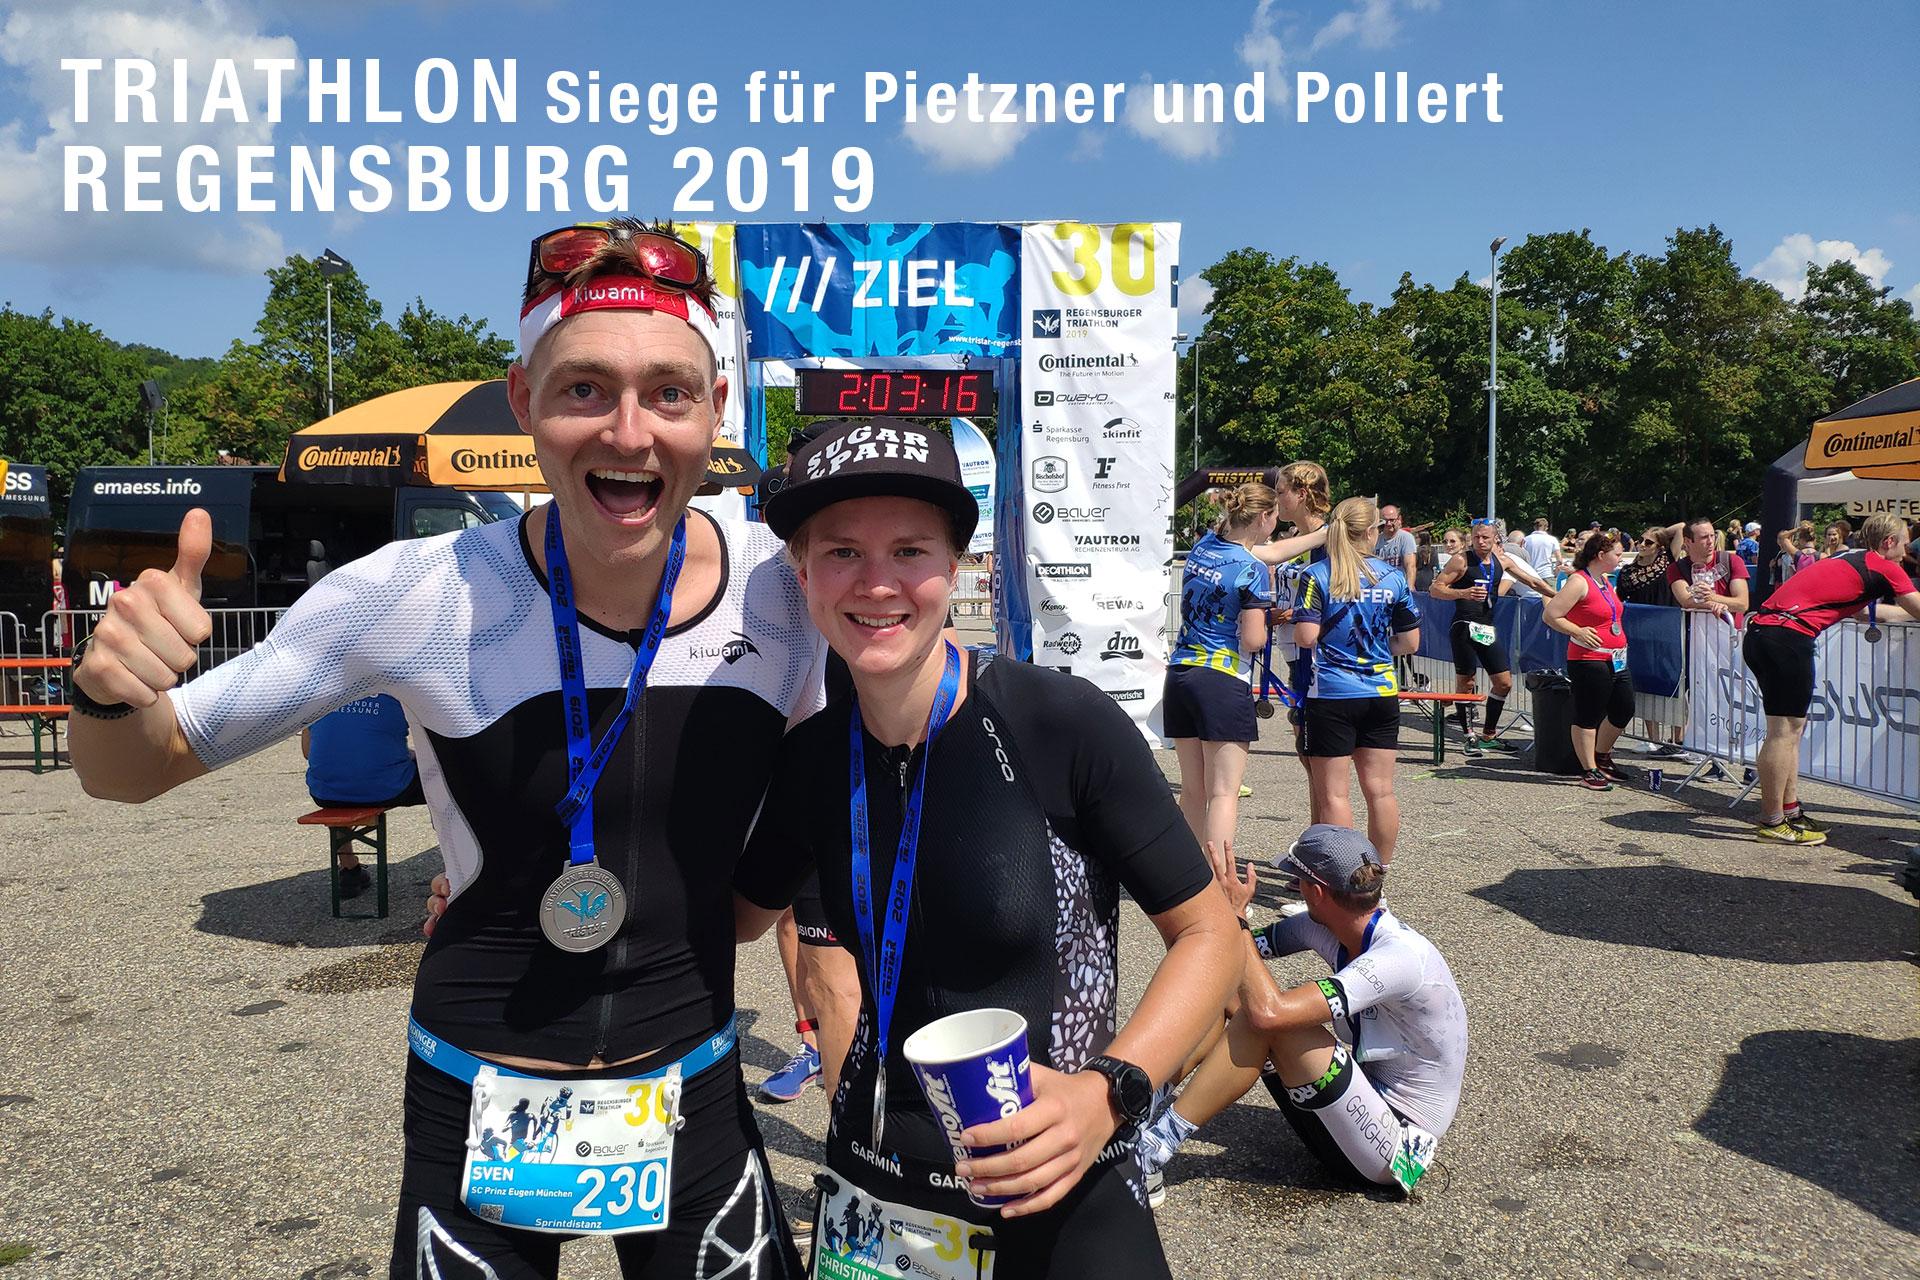 TRIATHLON REGENSBURG 2019 Siege auf der Sprint- und Kurzdistanz © Sven Pollert